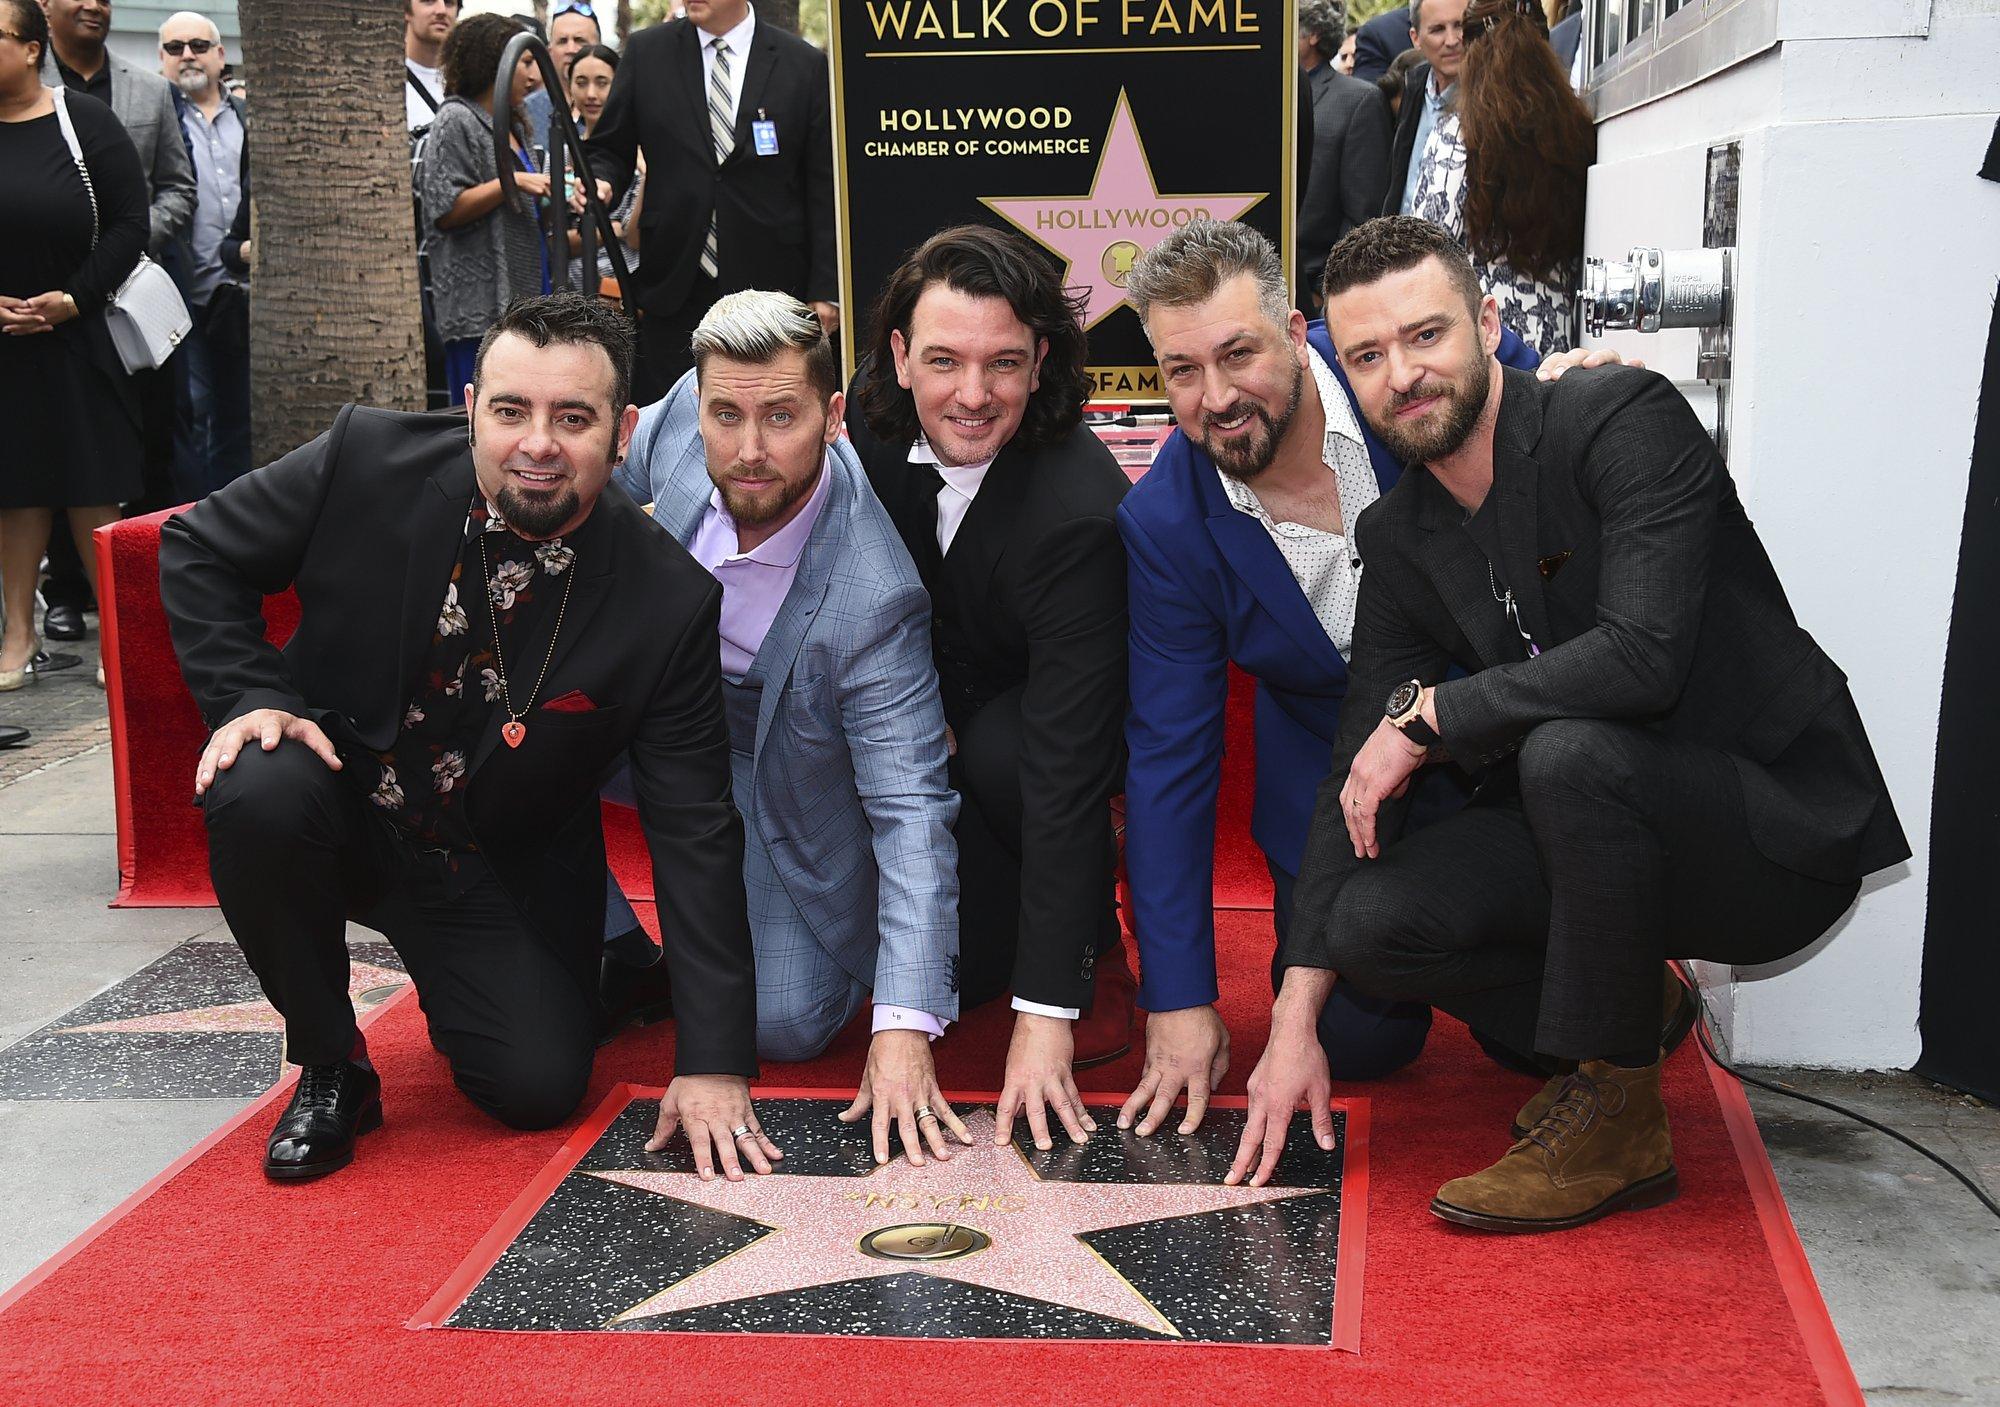 Chris Kirkpatrick, Lance Bass, JC Chasez, Joey Fatone, Justin Timberlake